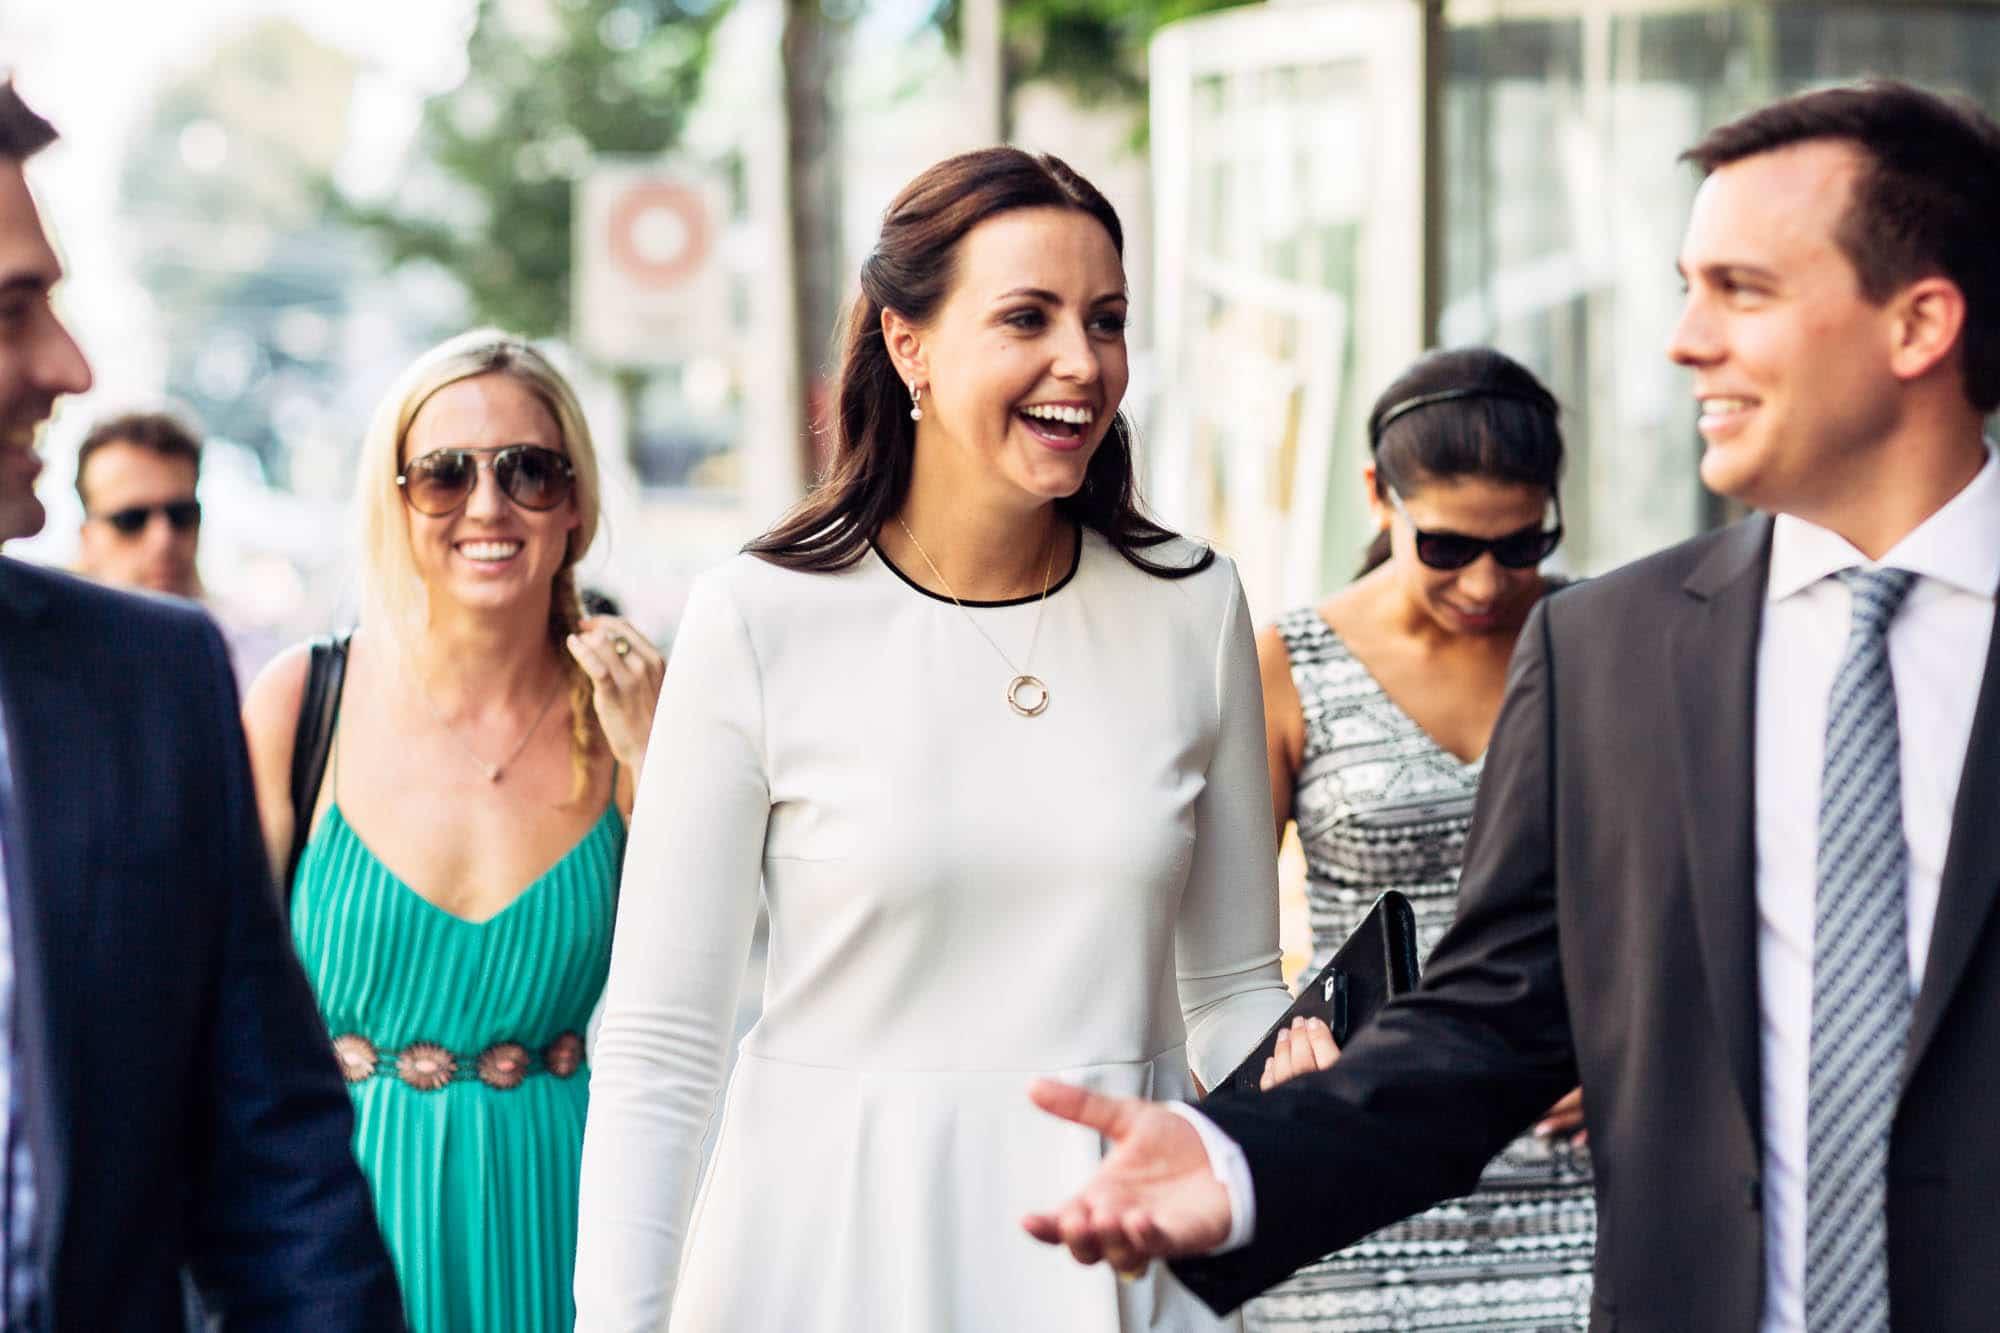 Bräutigam erzählt Witz den lachenden Gästen